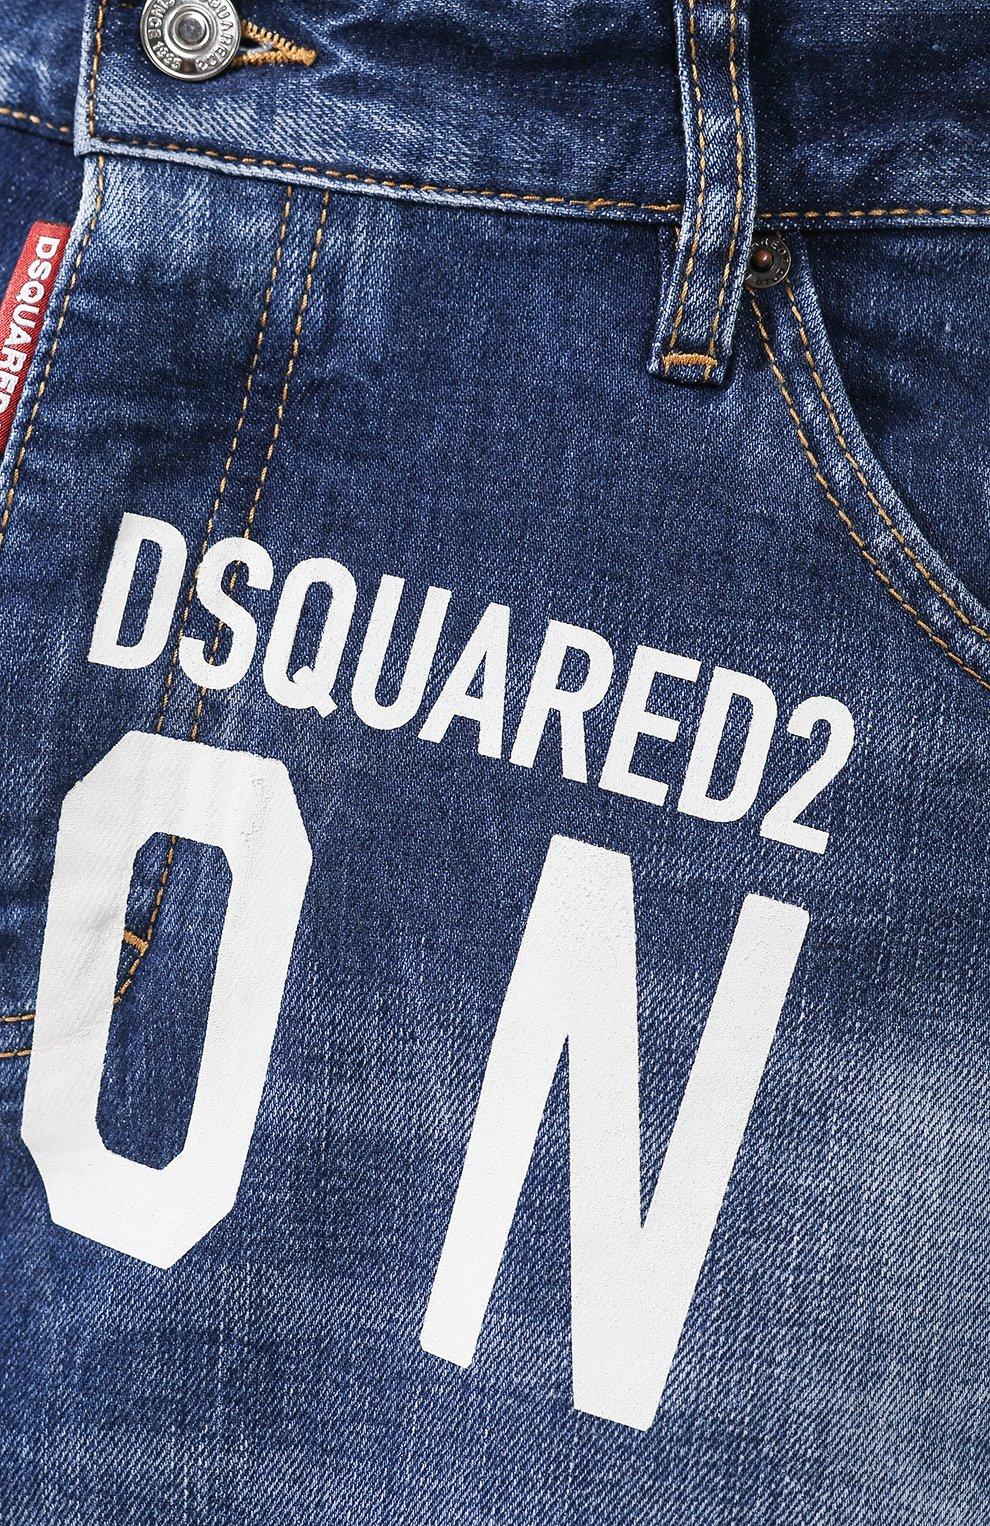 Мужские джинсовые шорты DSQUARED2 синего цвета, арт. S79MU0001/S30663 | Фото 5 (Длина Шорты М: До колена; Материал внешний: Хлопок, Деним)